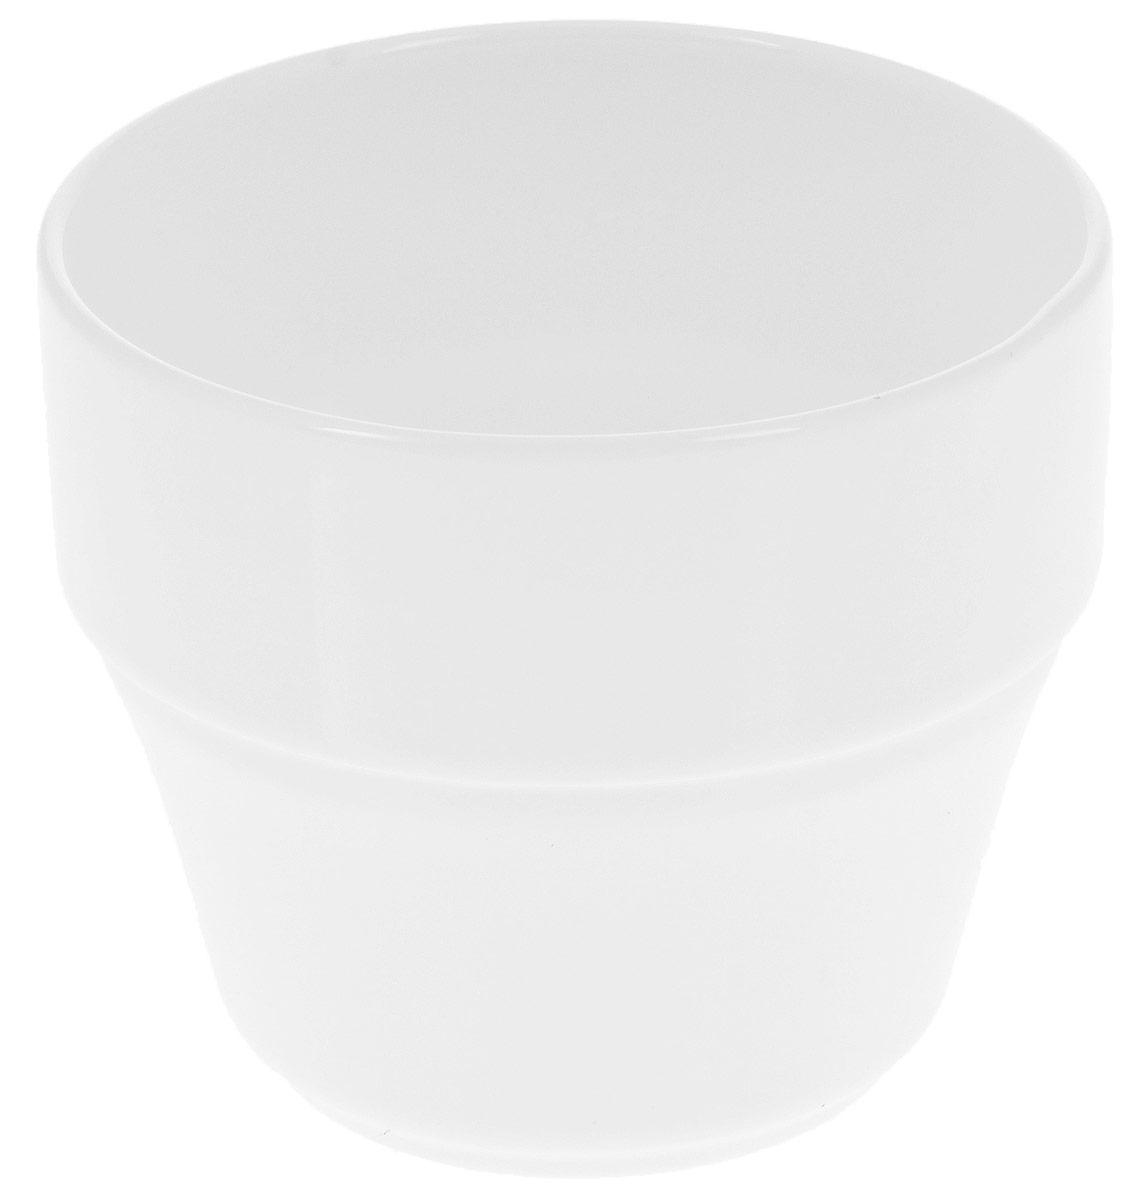 Кружка Wilmax, штабелируемая, 220 мл. WL-993043 / AWL-993043 / AКружка Wilmax изготовлена из высококачественного фарфора, покрытого глазурью. Материал легкий, тонкий, свет без труда проникает сквозь изделие. Посуда имеет роскошную белизну, гладкость и блеск достигаются за счет особой рецептуры глазури. Изделие обладает низкой водопоглощаемостью, высокой термостойкостью и ударопрочностью, а также экологичностью. Посуда долговечна и рассчитана на постоянное интенсивное использование. Гладкая непористая поверхность исключает проникновение бактерий, изделие не будет впитывать посторонние запахи и сохранит первоначальный цвет. Кружка штабелируемая, то есть несколько кружек легко вставляются друг в друга, что экономит место при хранении. Такая кружка пригодится в любом хозяйстве, она функциональная, практичная и легкая в уходе. Можно мыть в посудомоечной машине и использовать в микроволновой печи. Диаметр (по верхнему краю): 7,5 см. Высота стенки: 7 см.